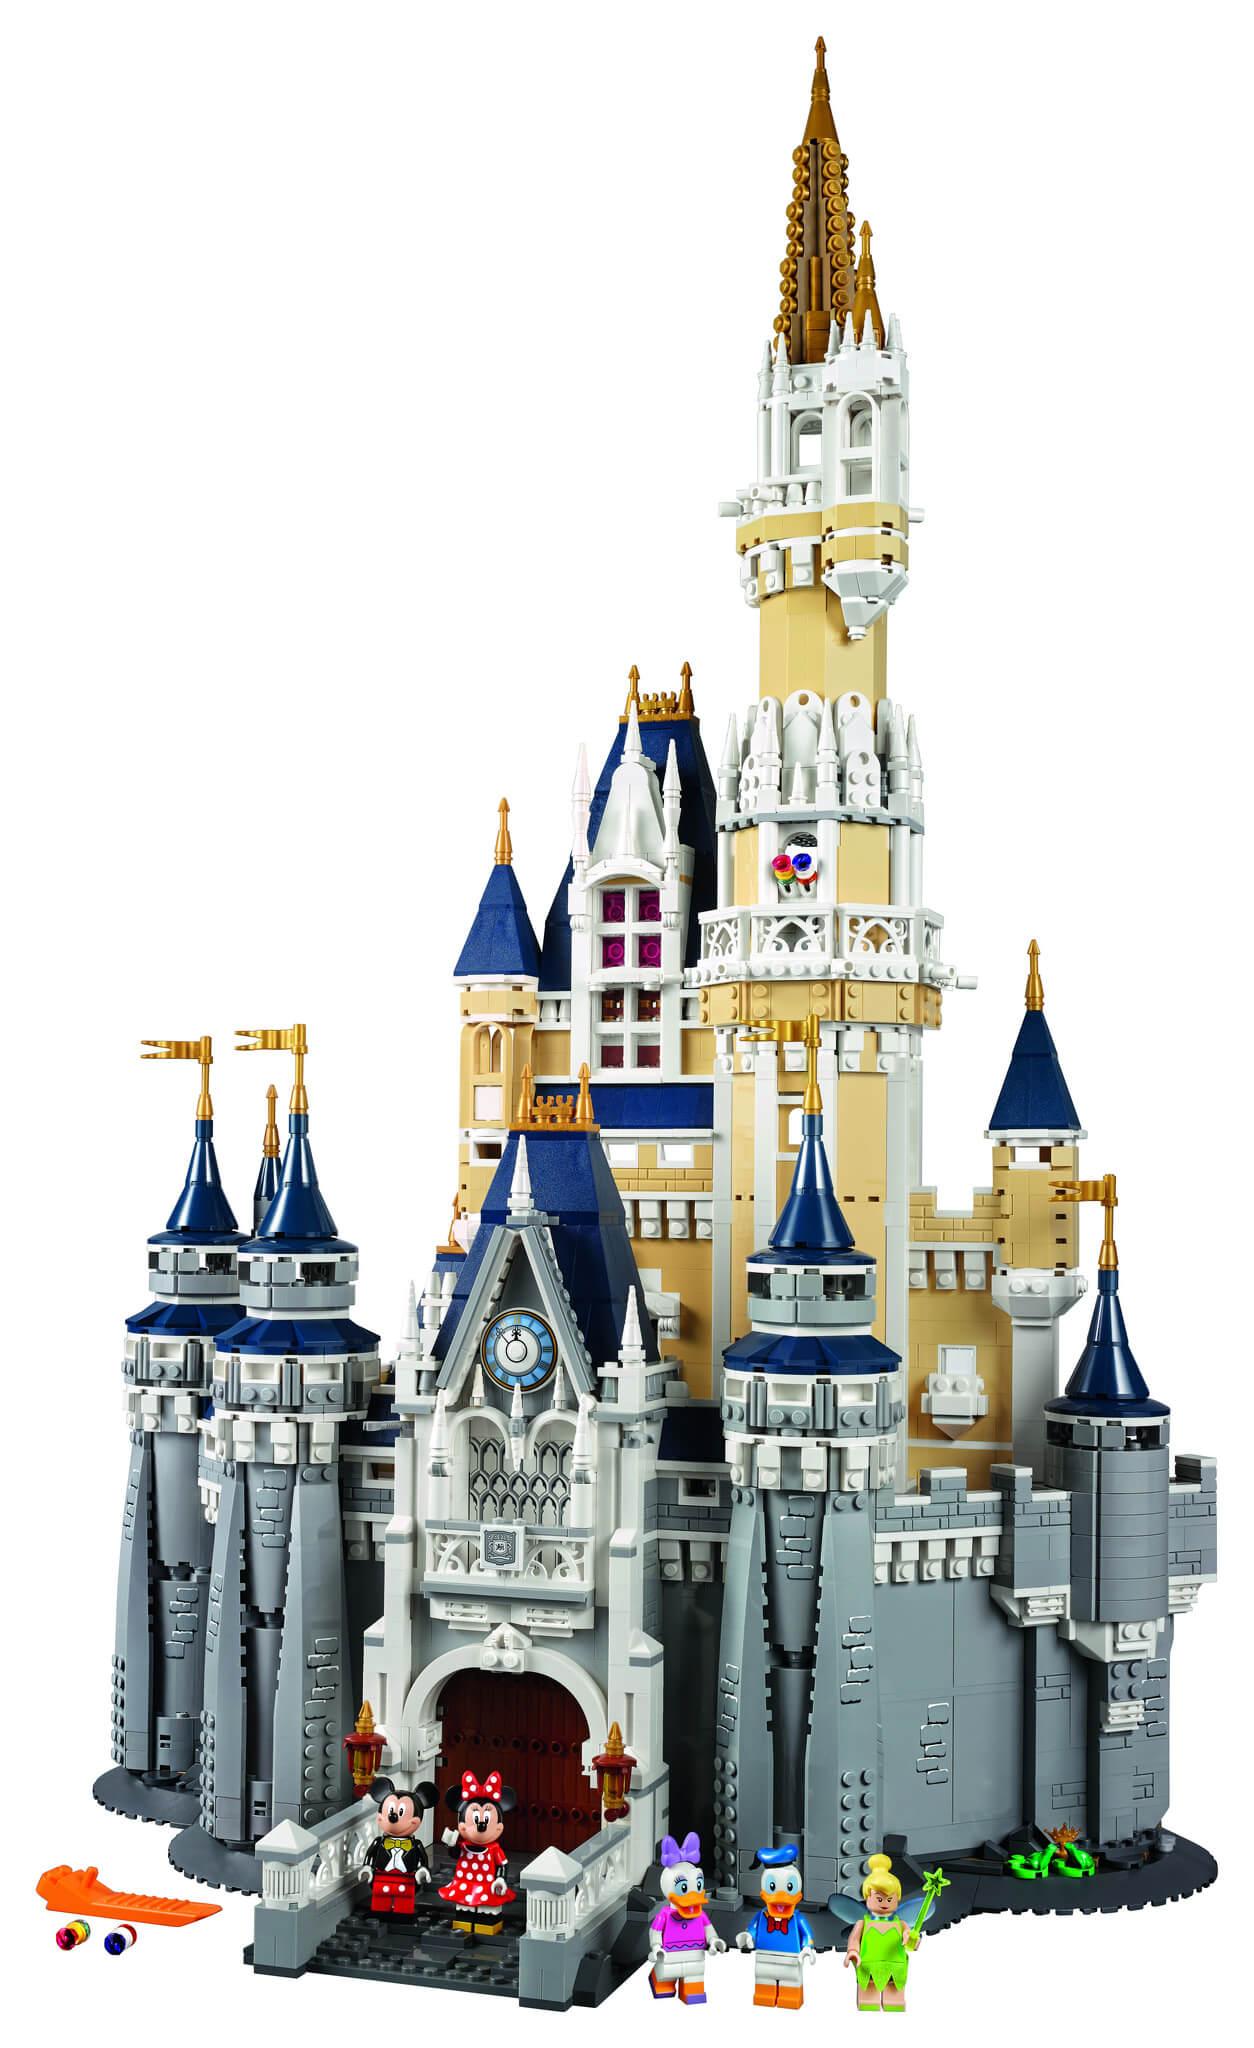 Mua đồ chơi LEGO 71040 - LEGO Exclusives 71040 - Lâu Đài của Đại Gia Đình Disney (LEGO Exclusives The Disney Castle 71040)